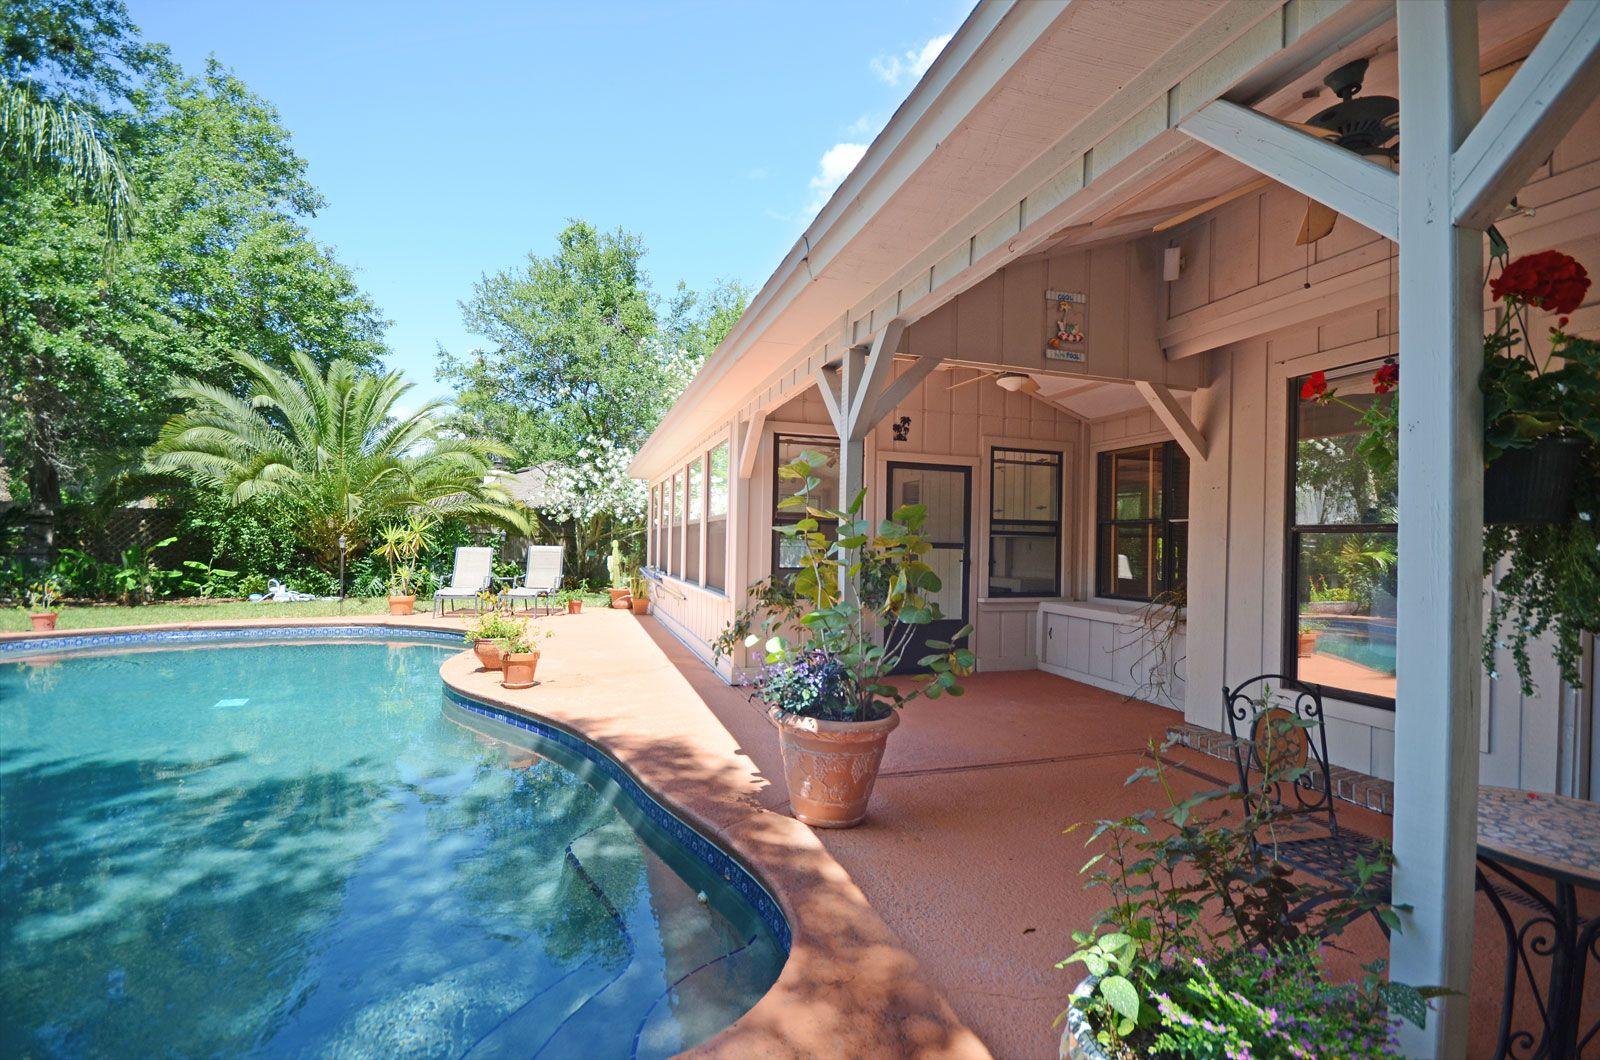 2286 hammock oaks dr n jacksonville fl 32223 great pool